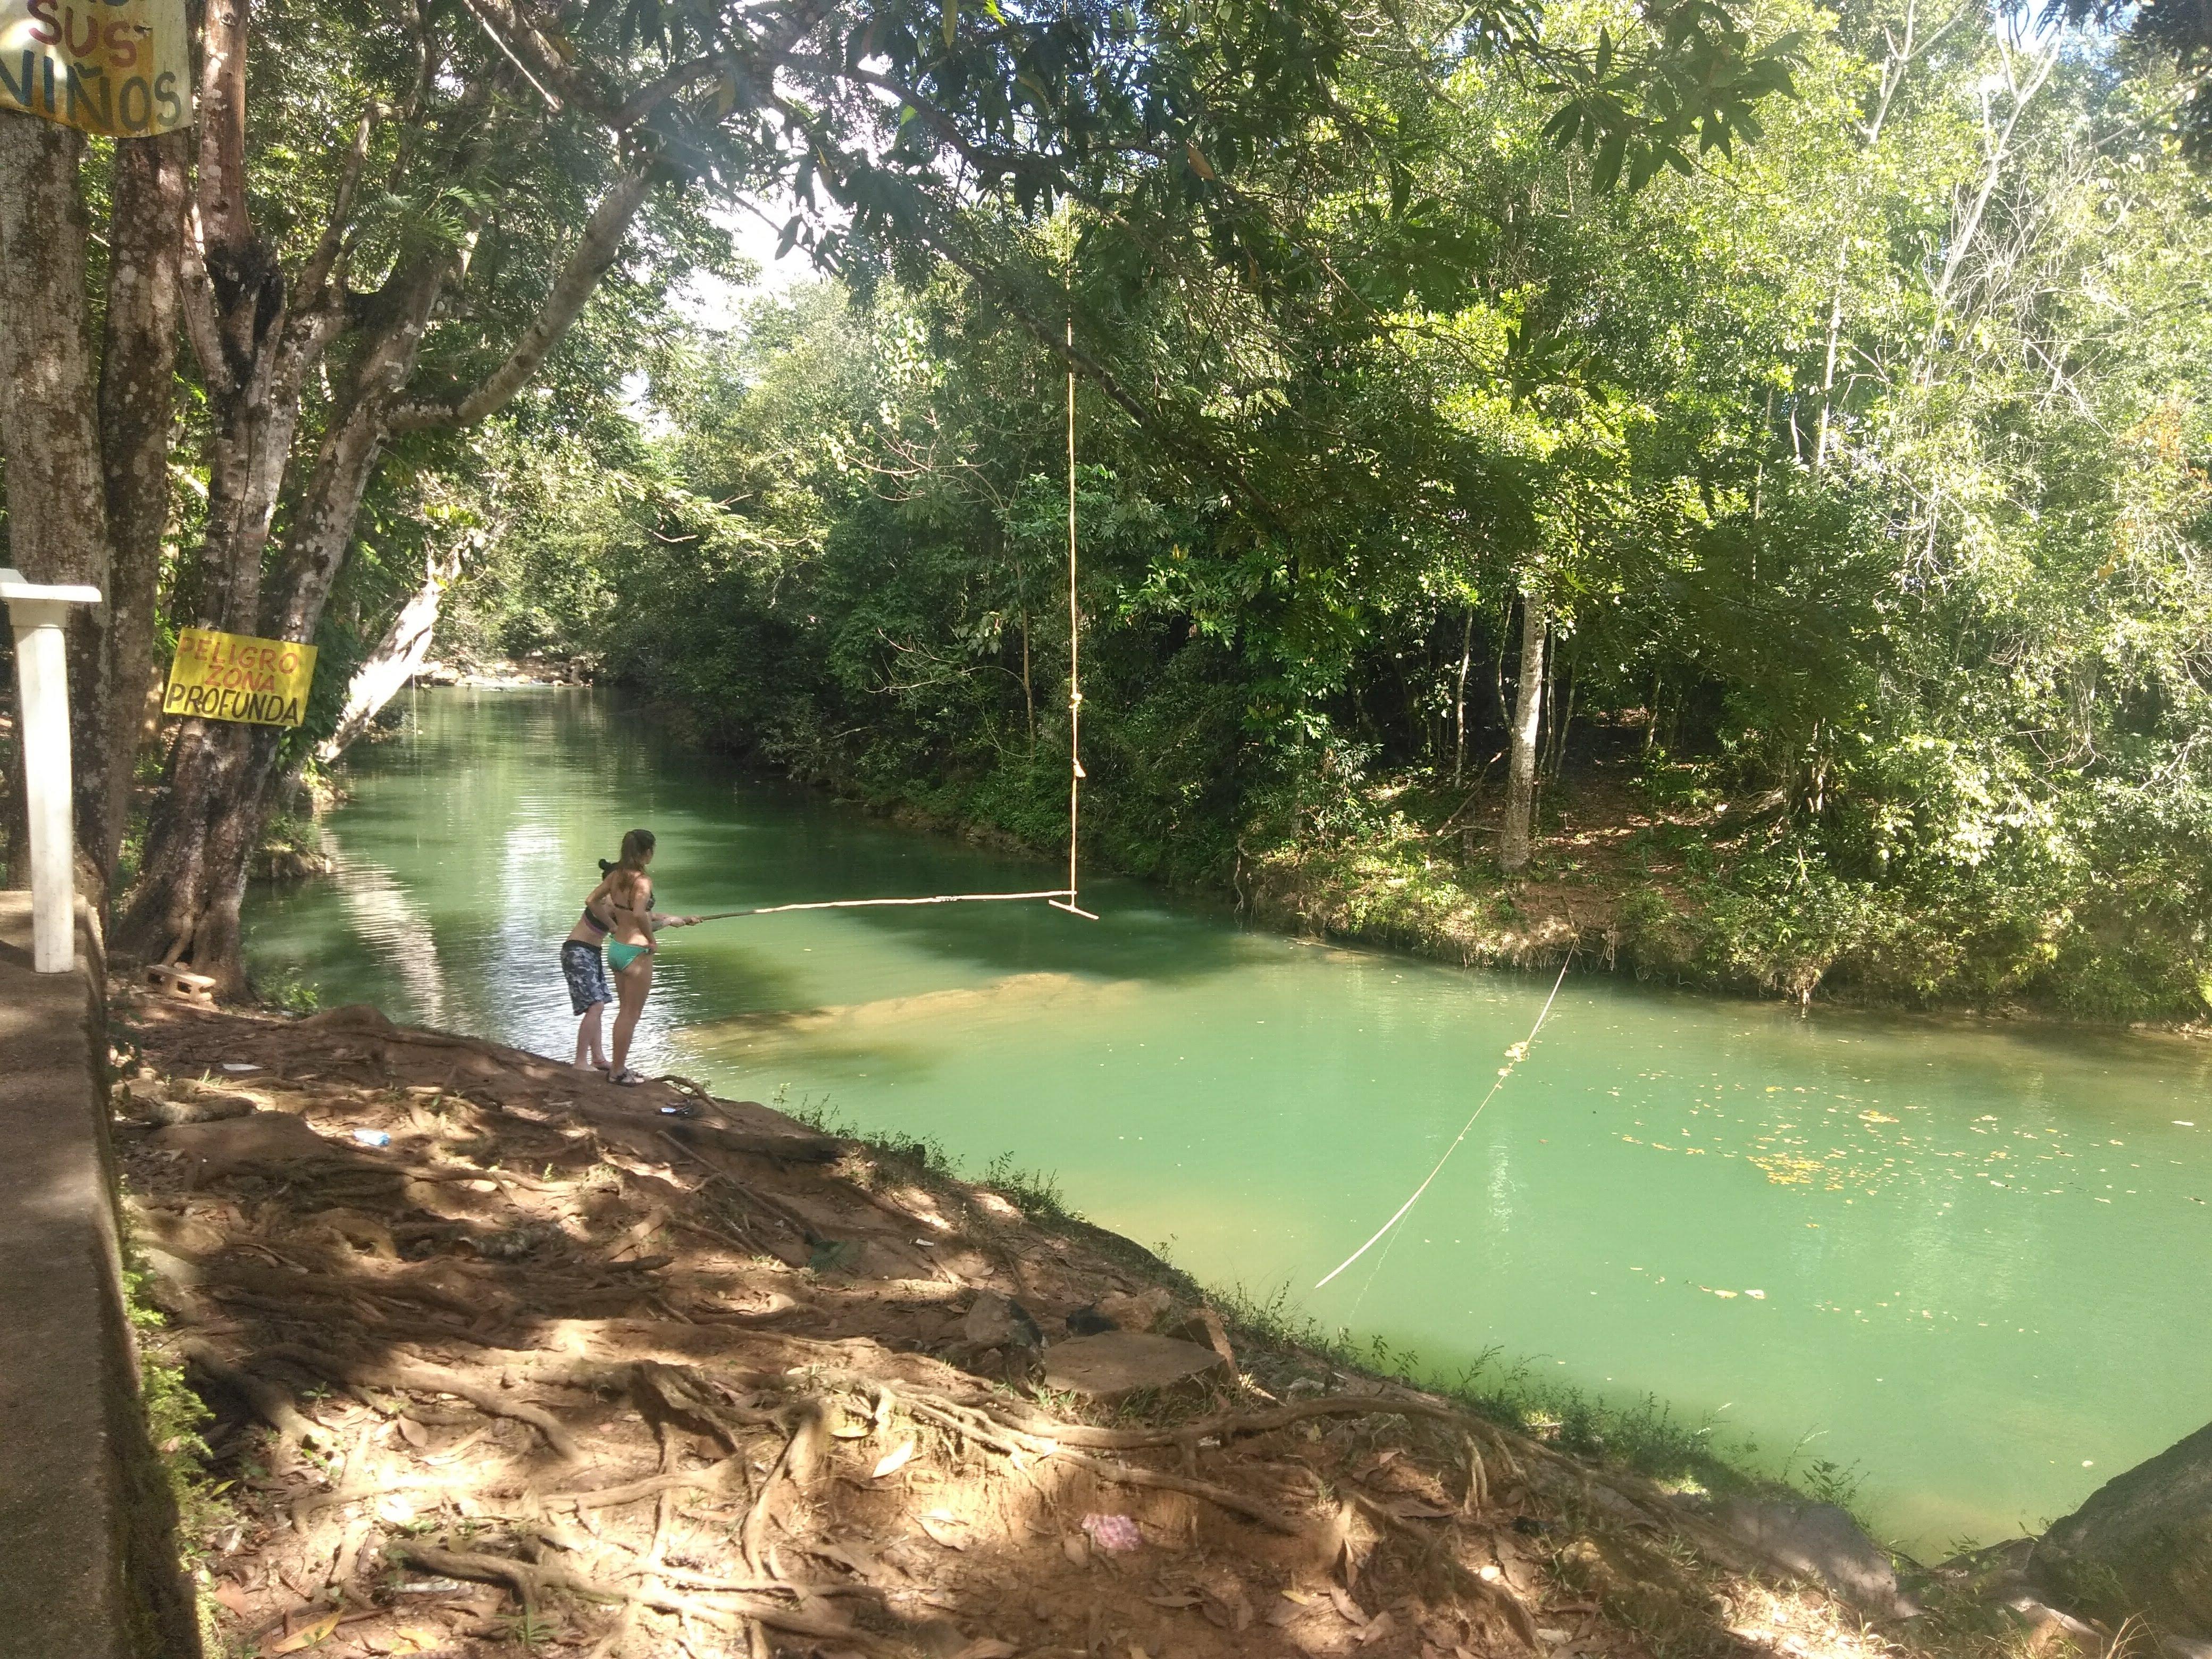 River comate